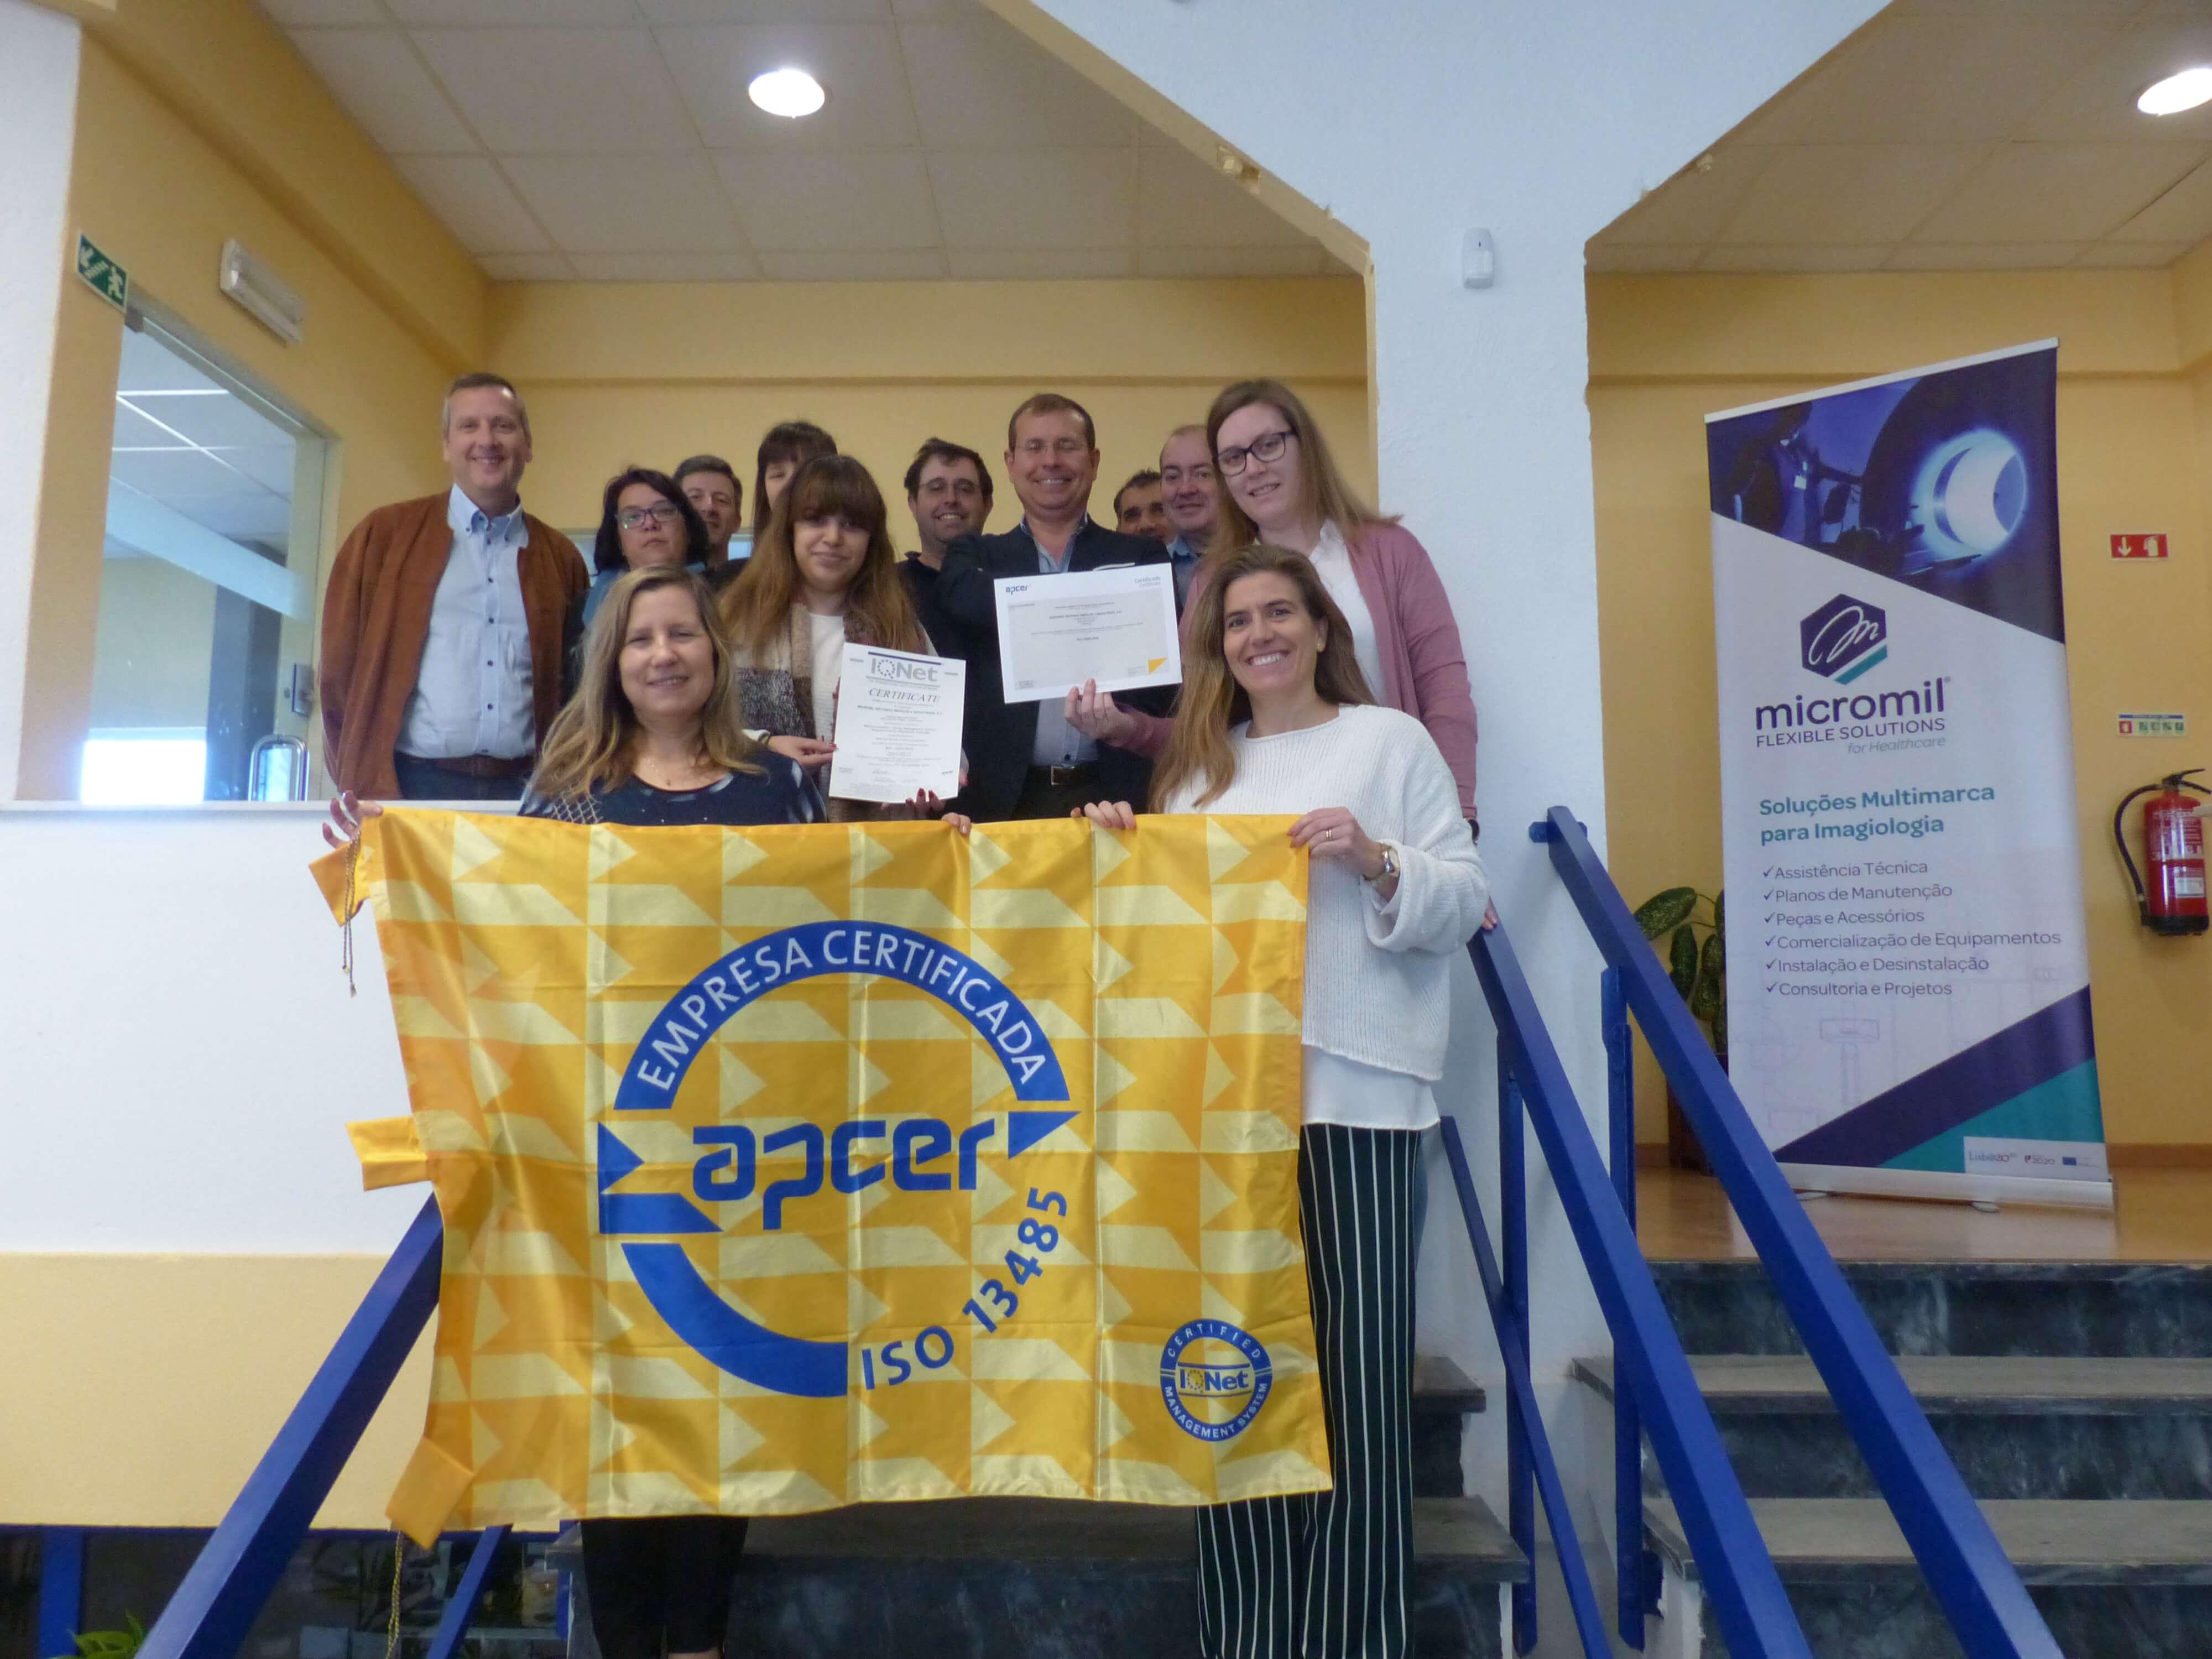 Certificação APCER Micromil